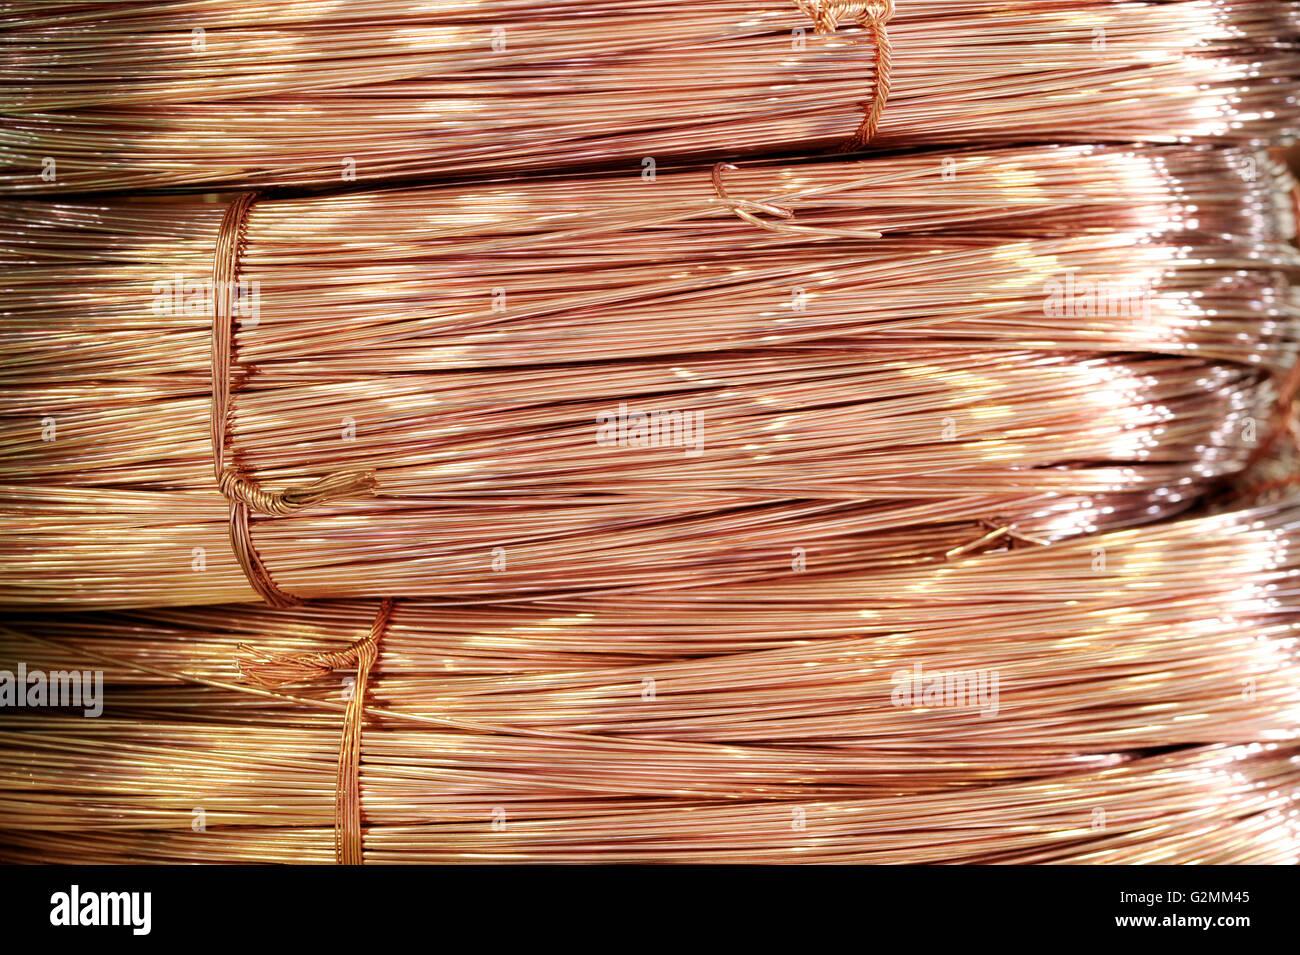 Raw Copper Stockfotos & Raw Copper Bilder - Alamy